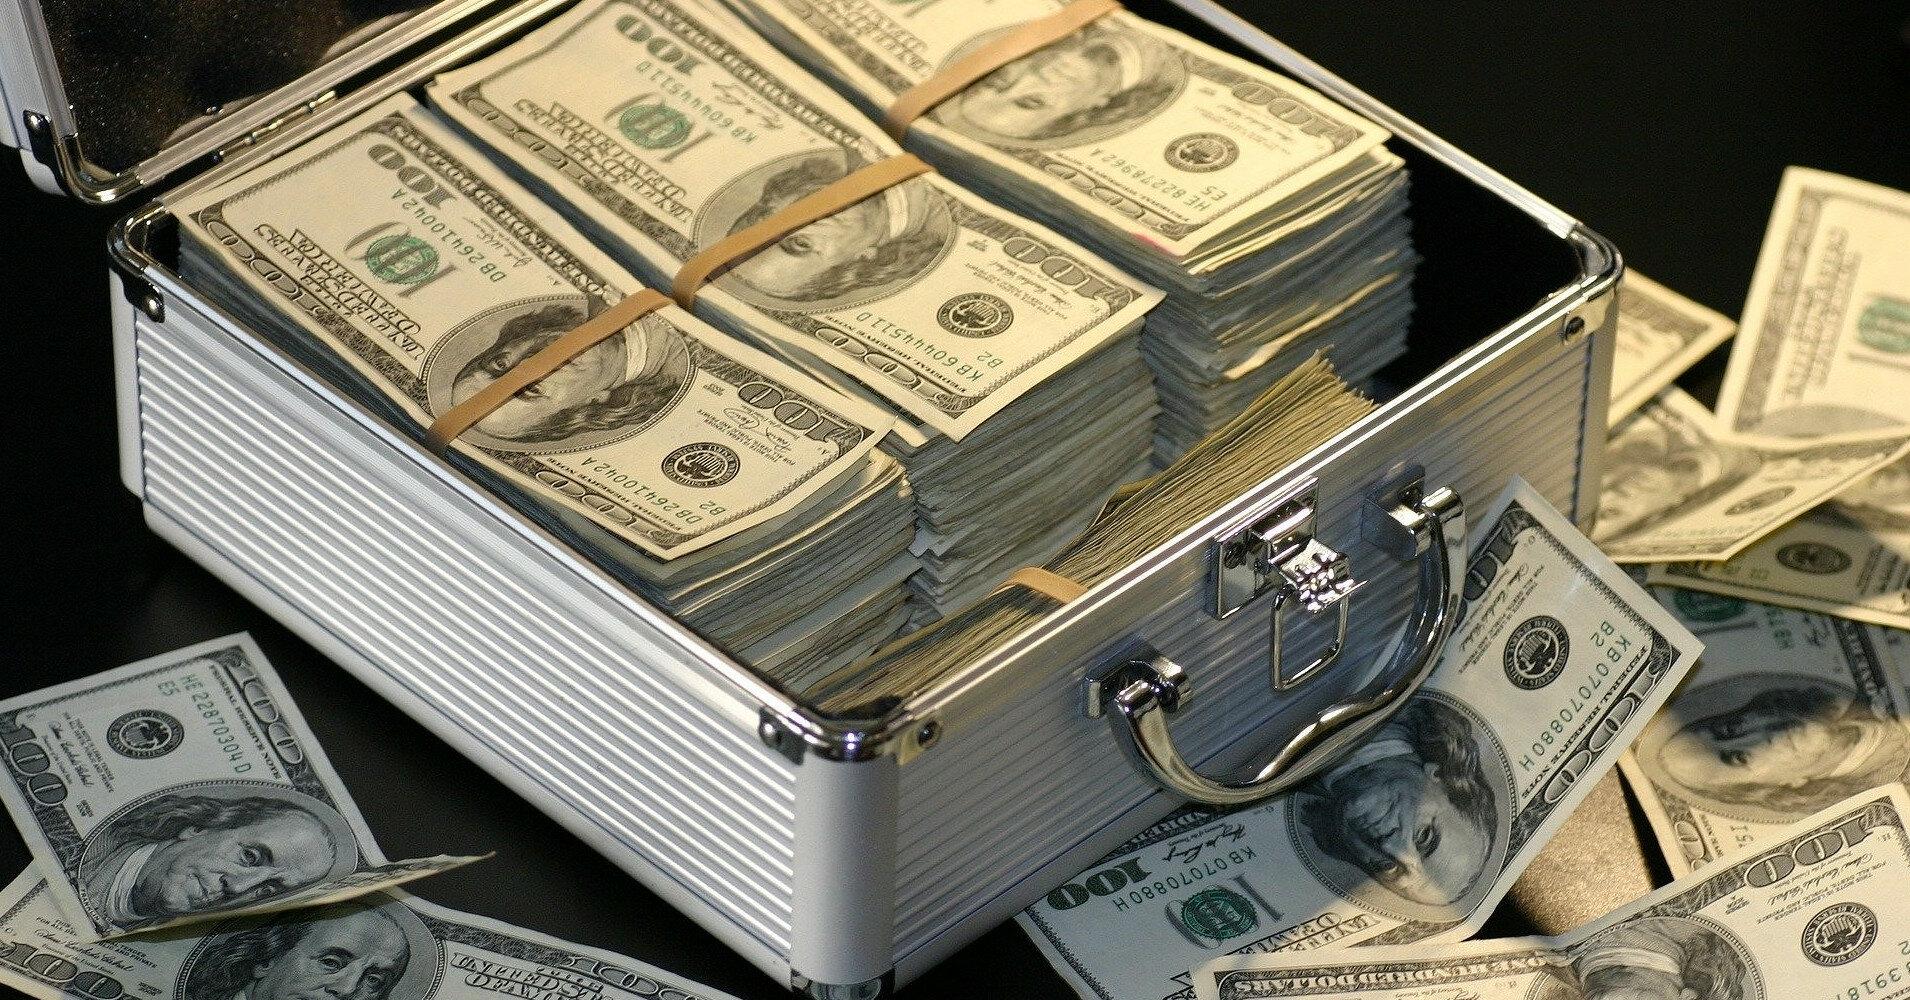 Всемирный банк утвердил многомиллионный кредит для бизнеса в Украине